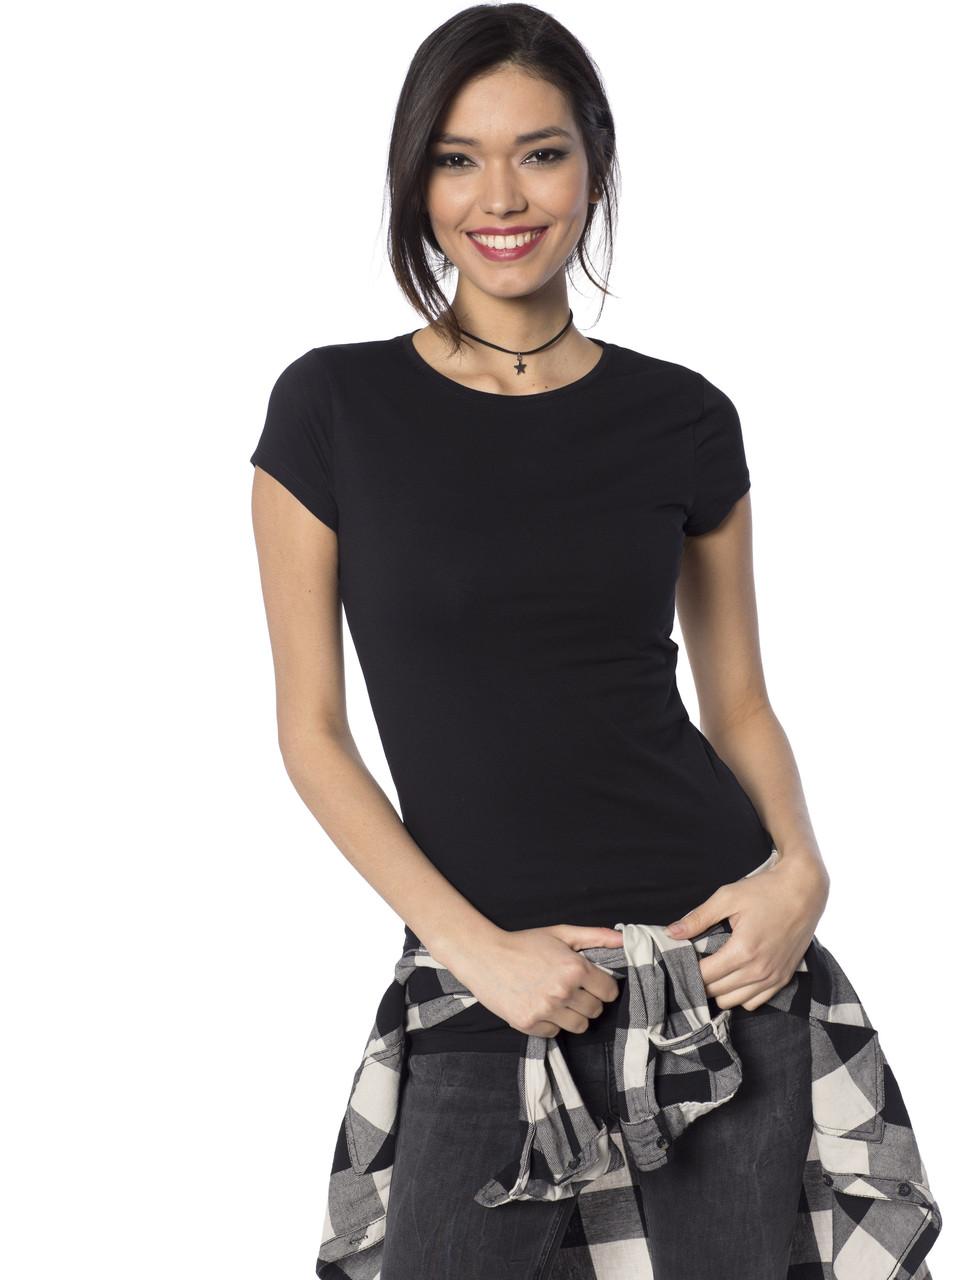 Чорна жіноча футболка Lc Waikiki / Лз Вайкікі з круглим вирізом